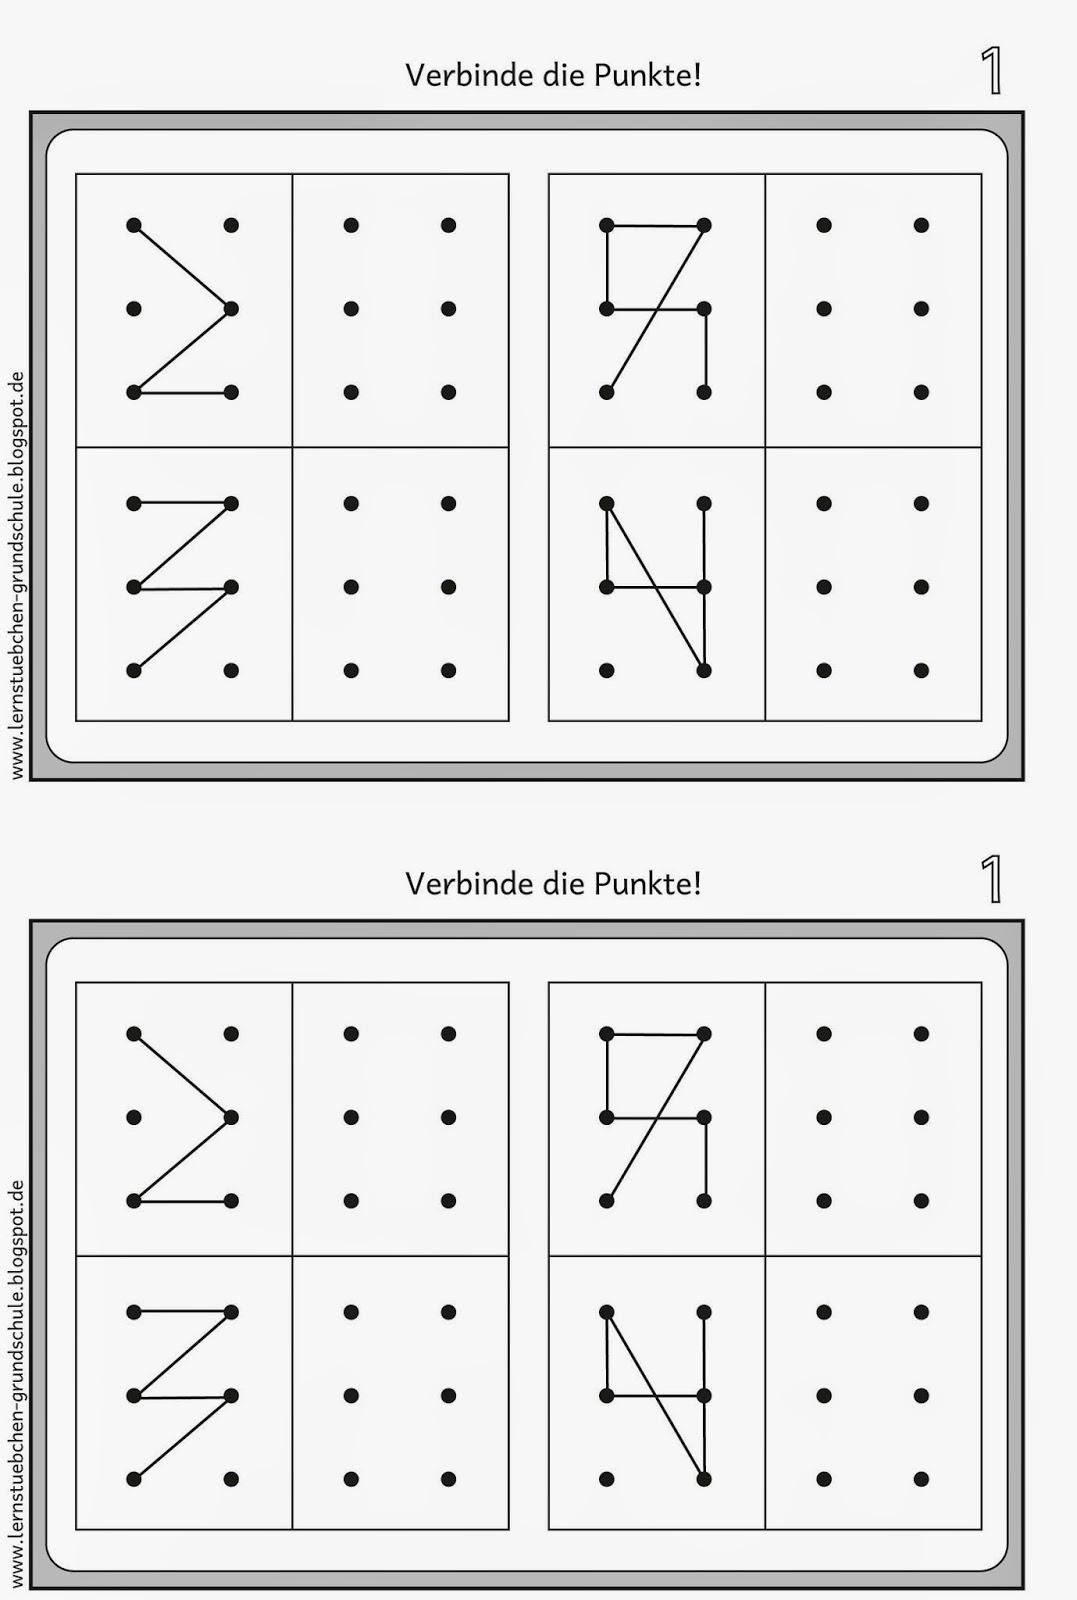 Taskbased language learning Auswirkungen eines